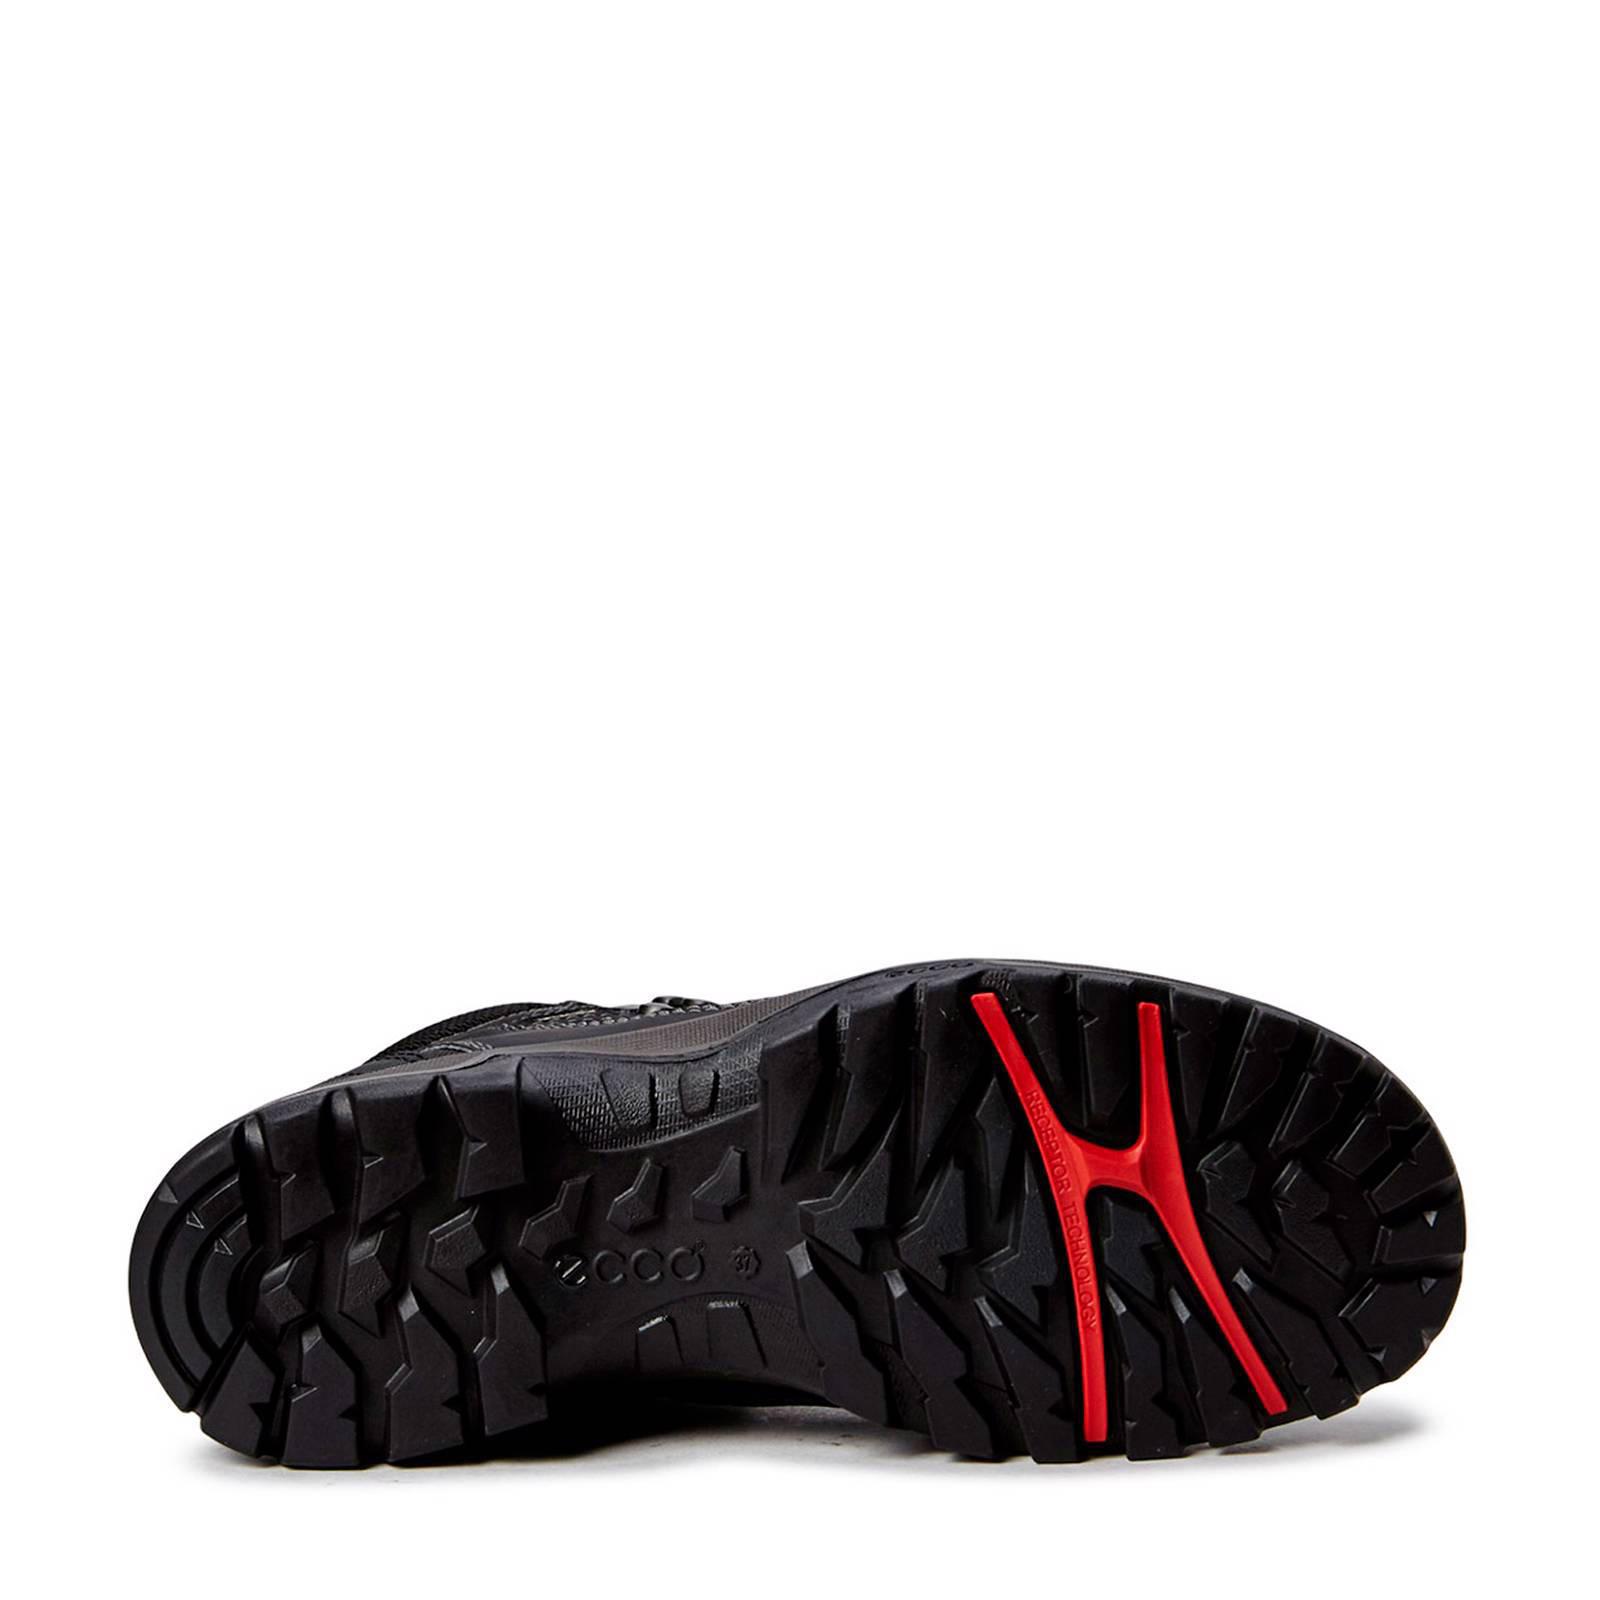 Ecco dames nubuck outdoor schoenen Drak Mid Wandelschoenen